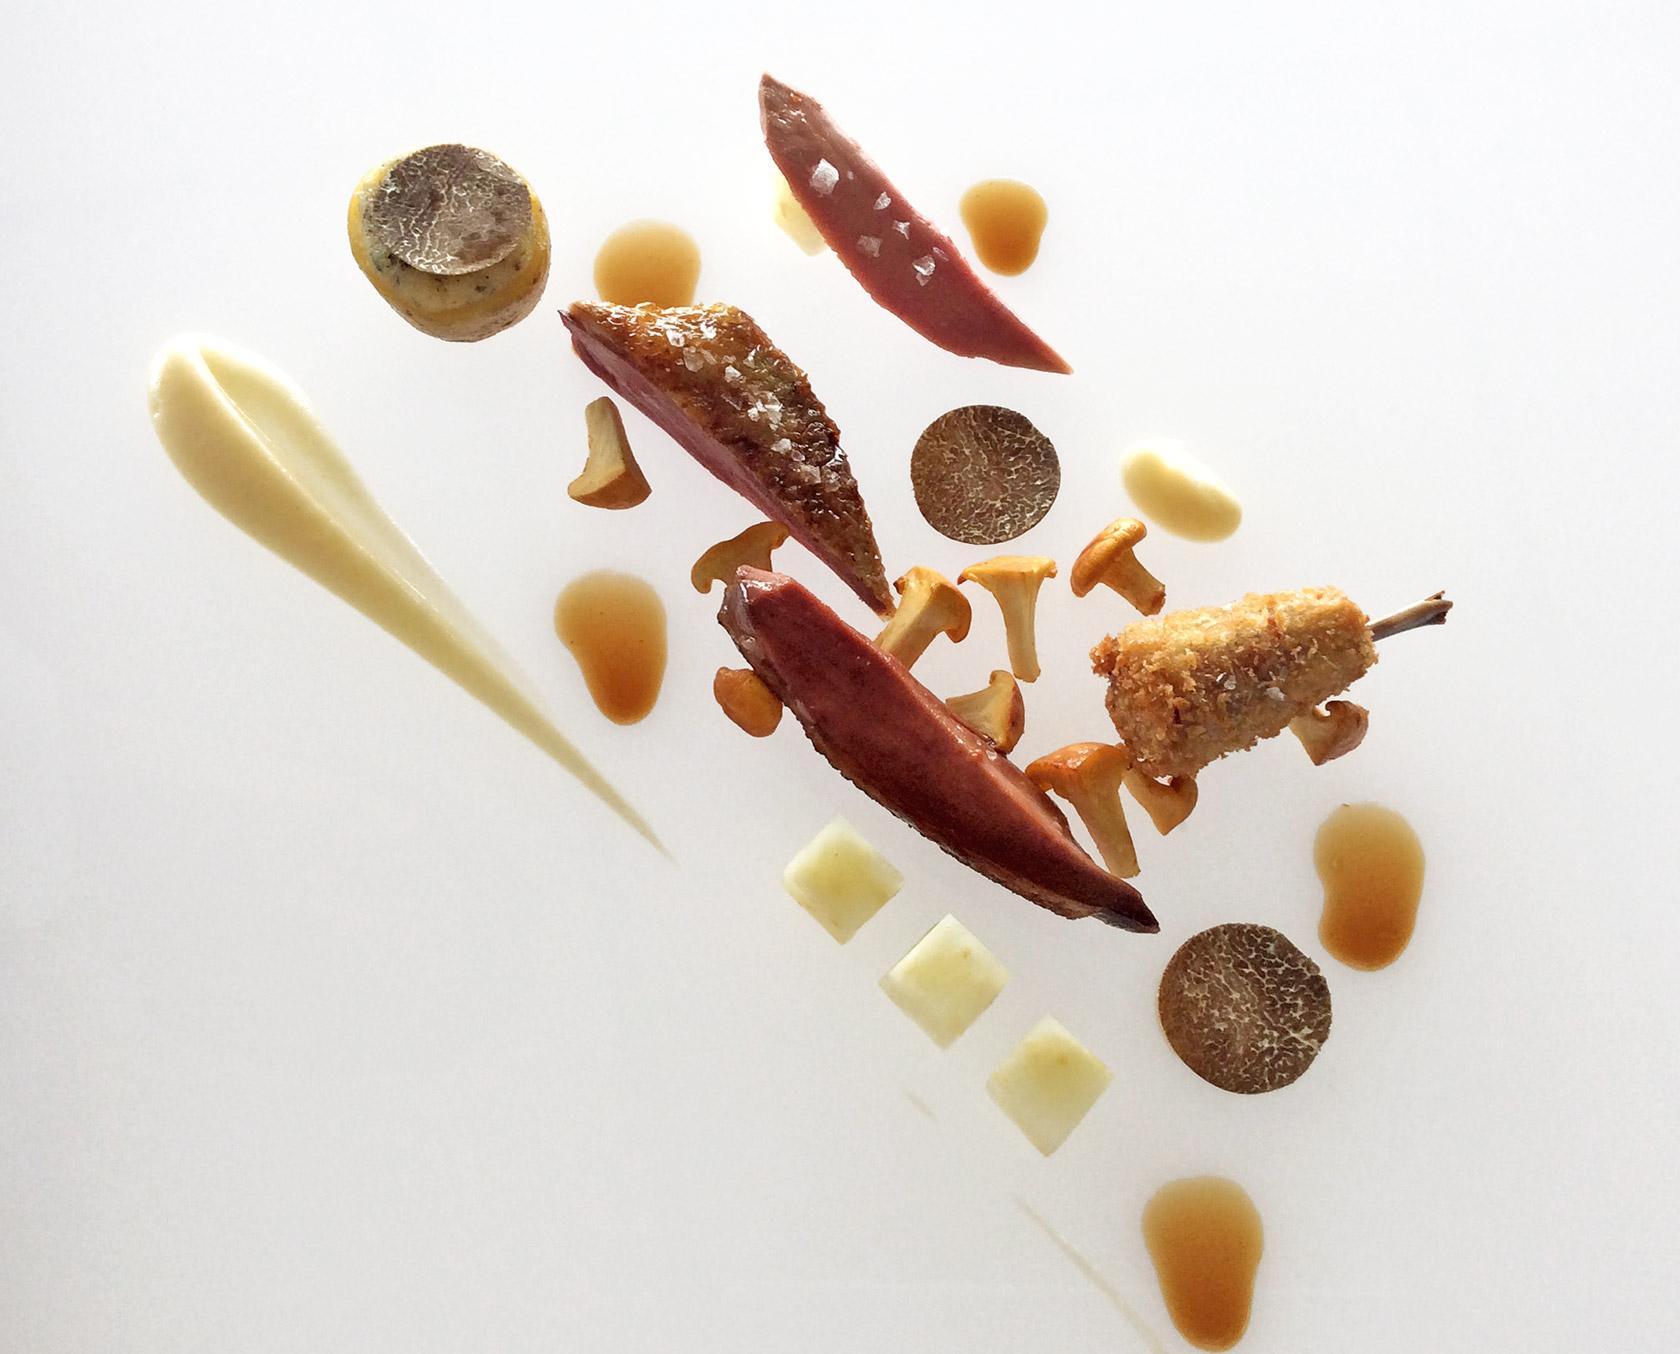 arnolfo-ristorante-piccione-funghi-tartufo-gaetano-trovato-chef